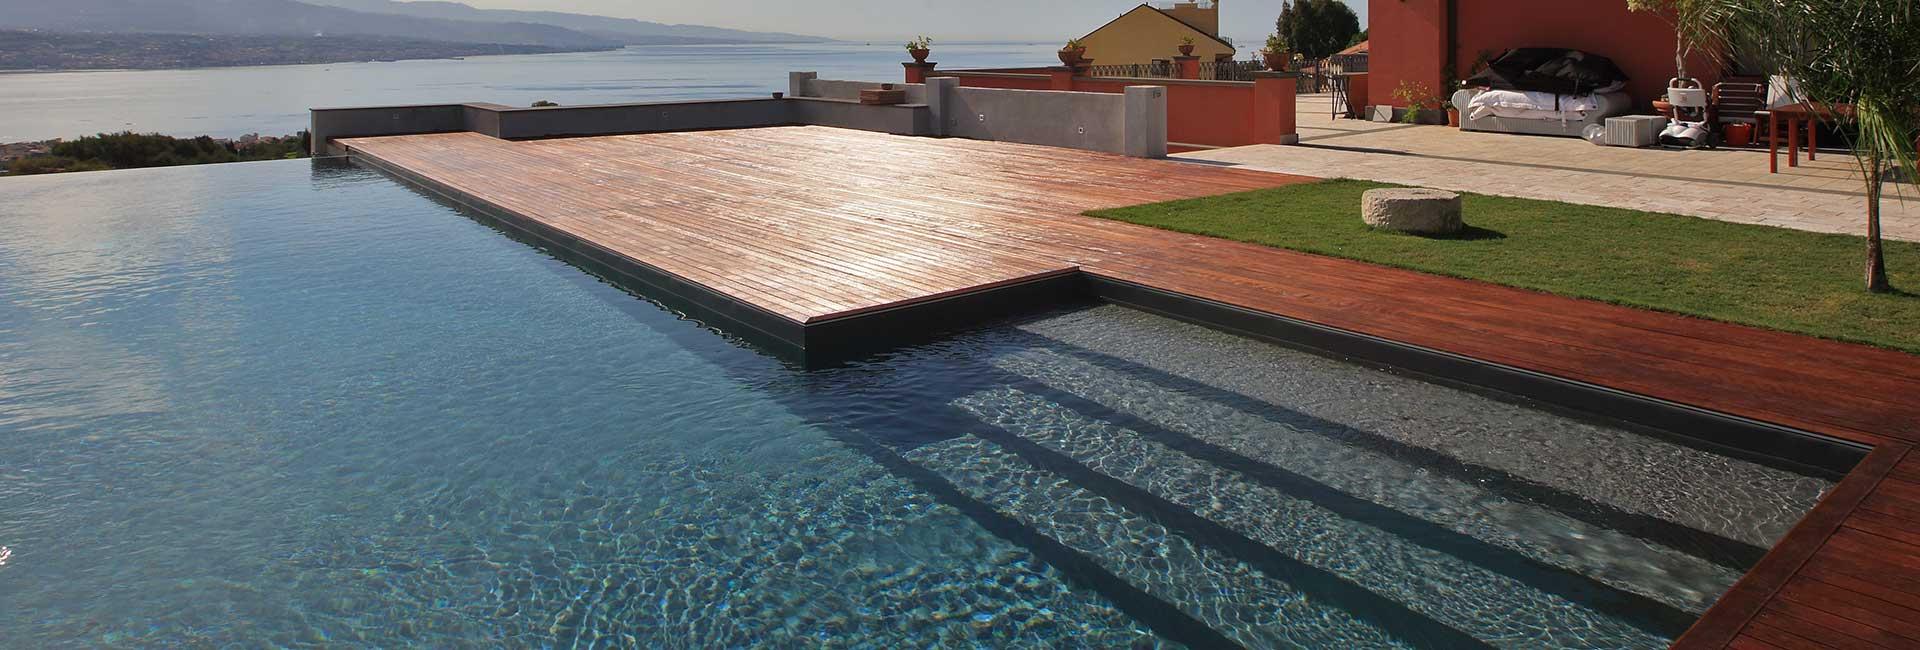 piscina-slide-1